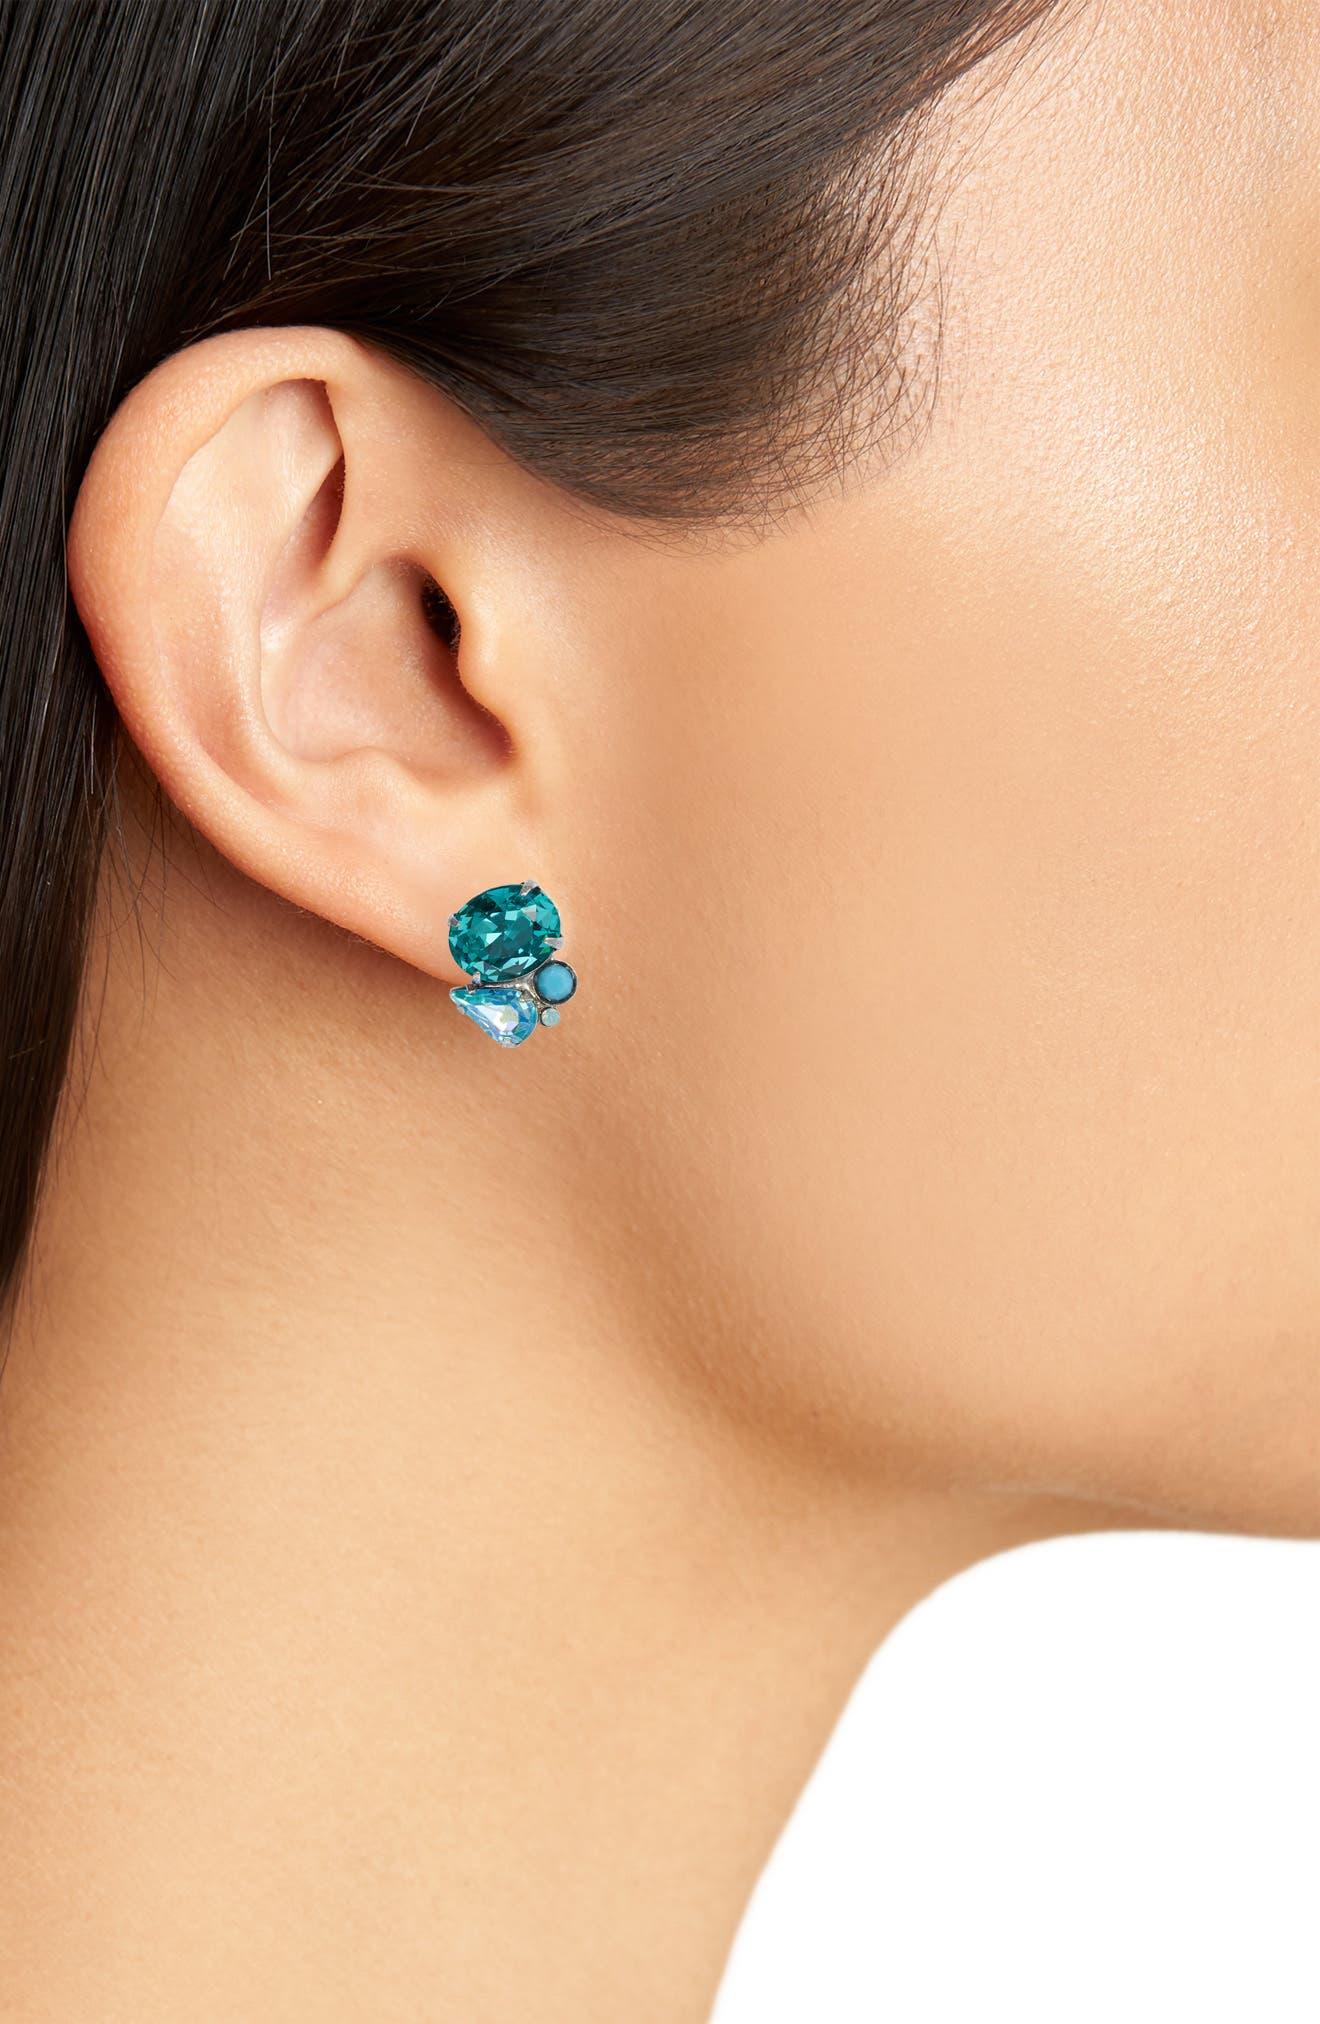 Mayflower Crystal Earrings,                             Alternate thumbnail 2, color,                             Blue-Green